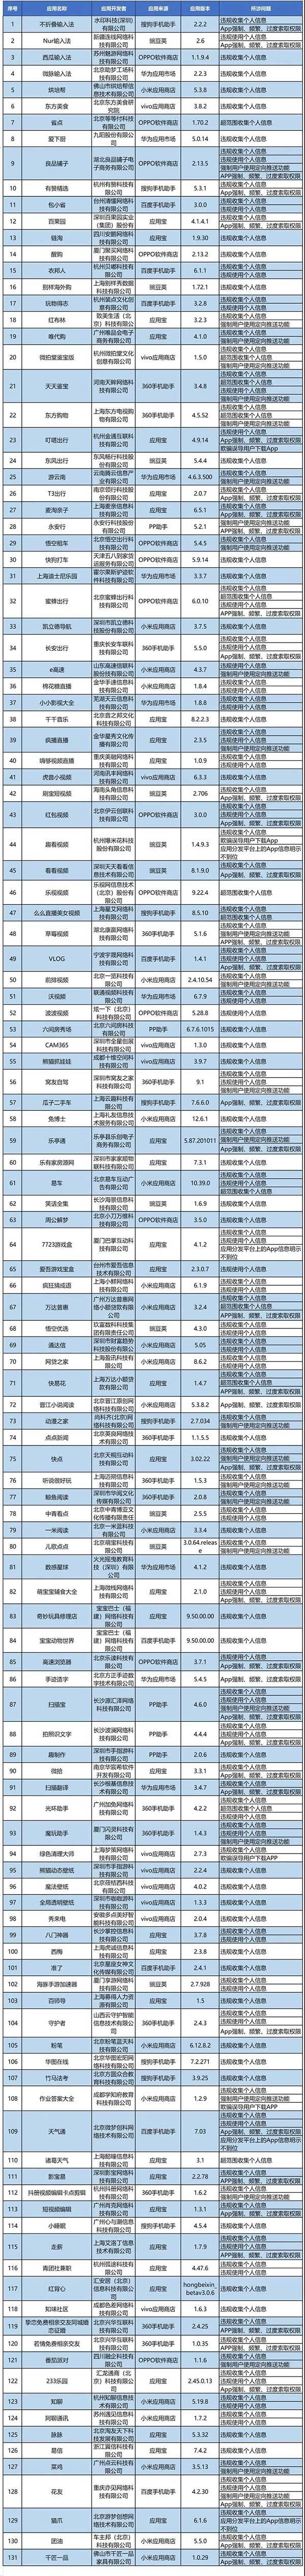 工信部:131款侵害用户权益行为APP名单发布